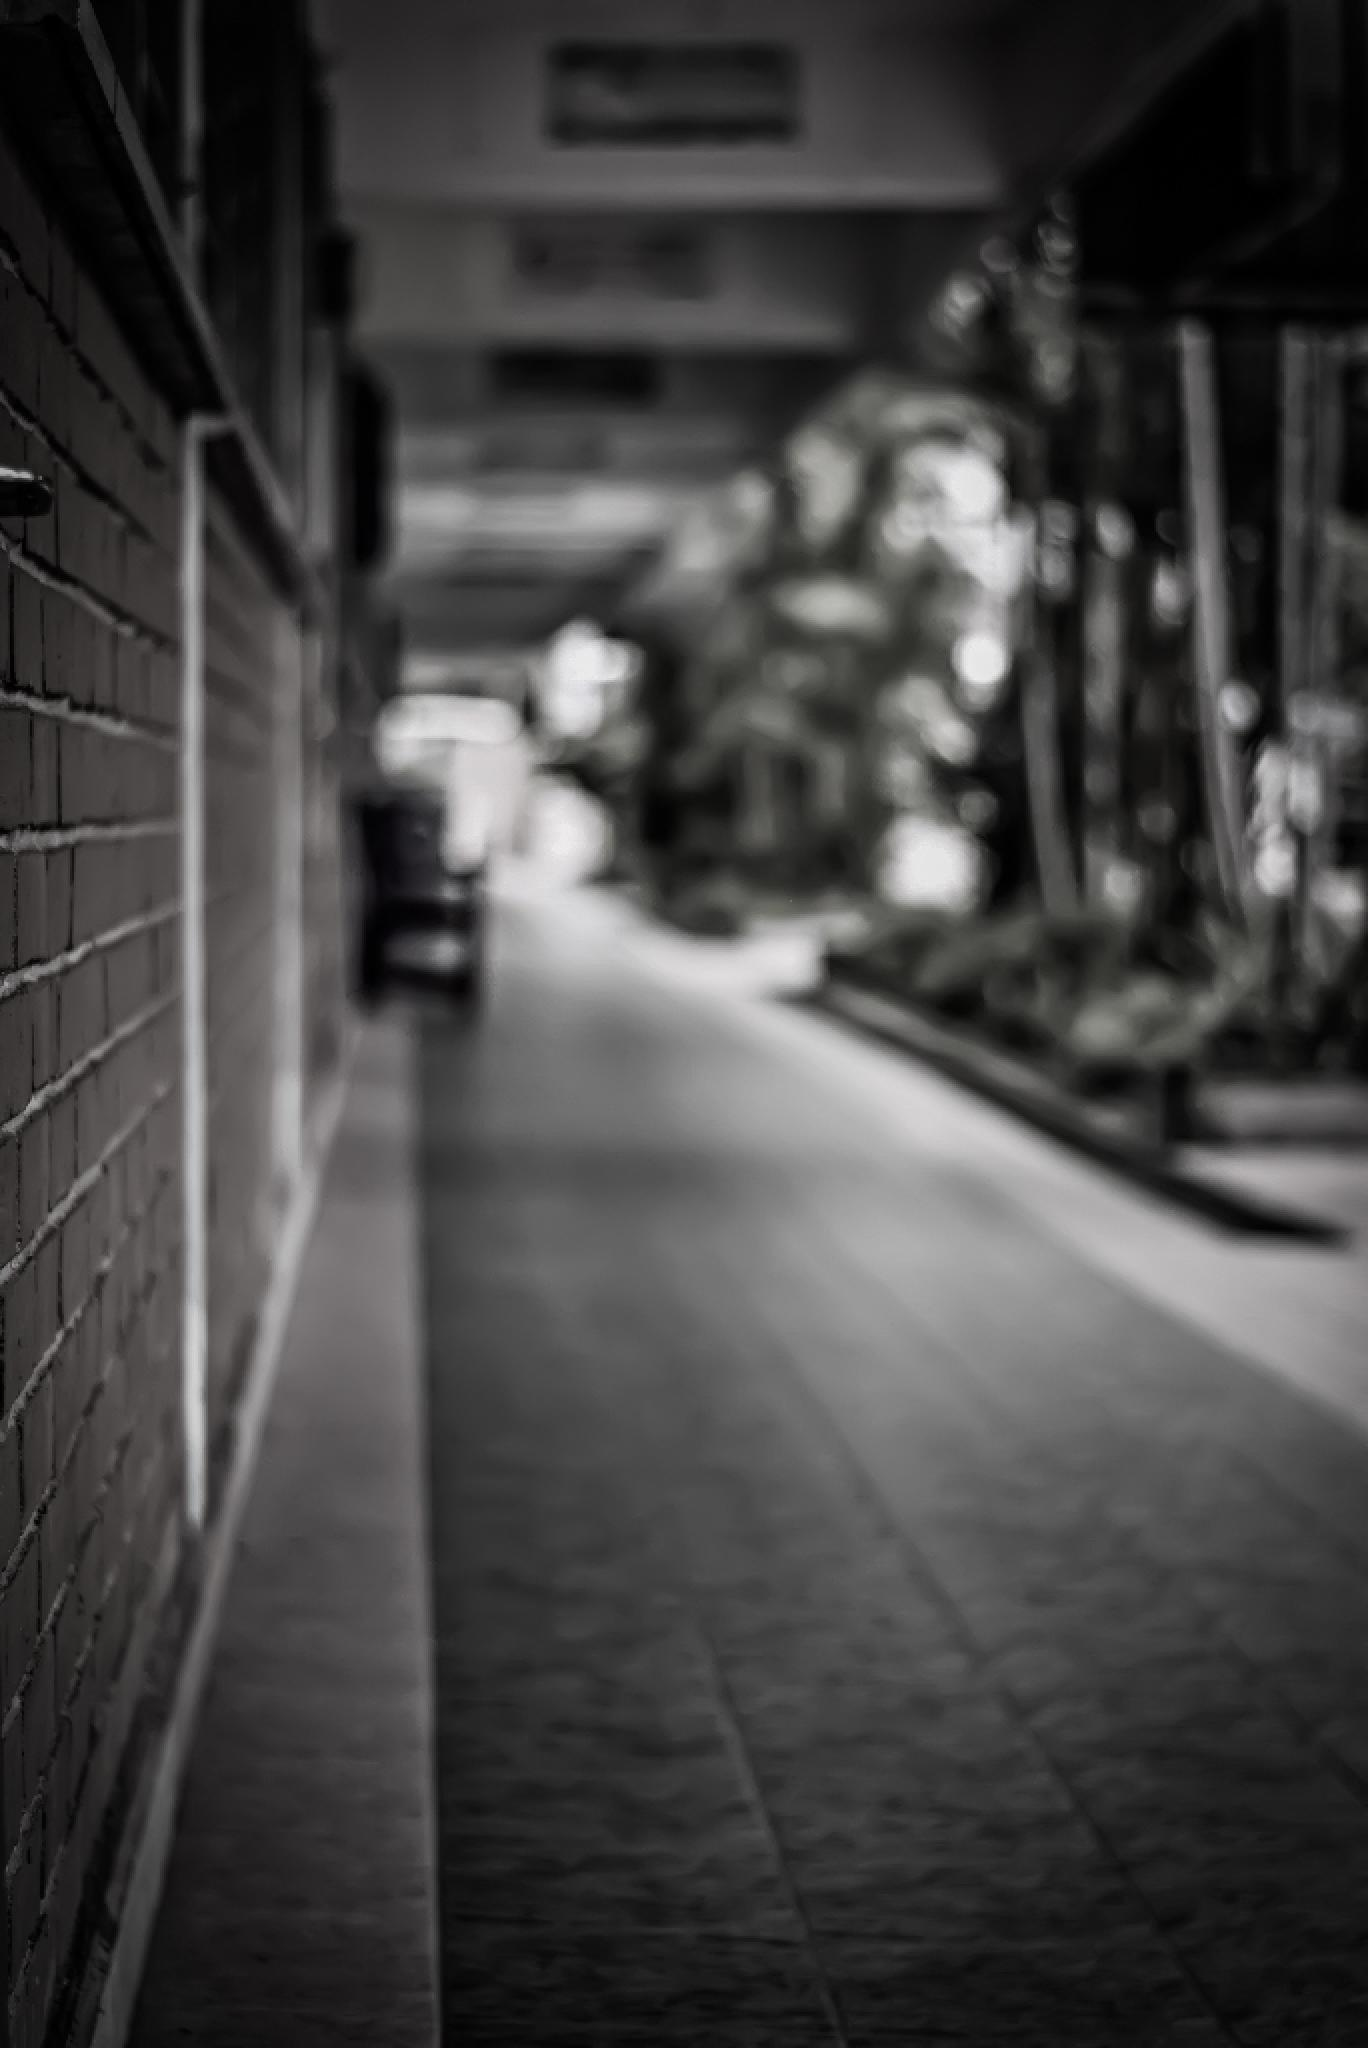 School Corridor by Vance Tan